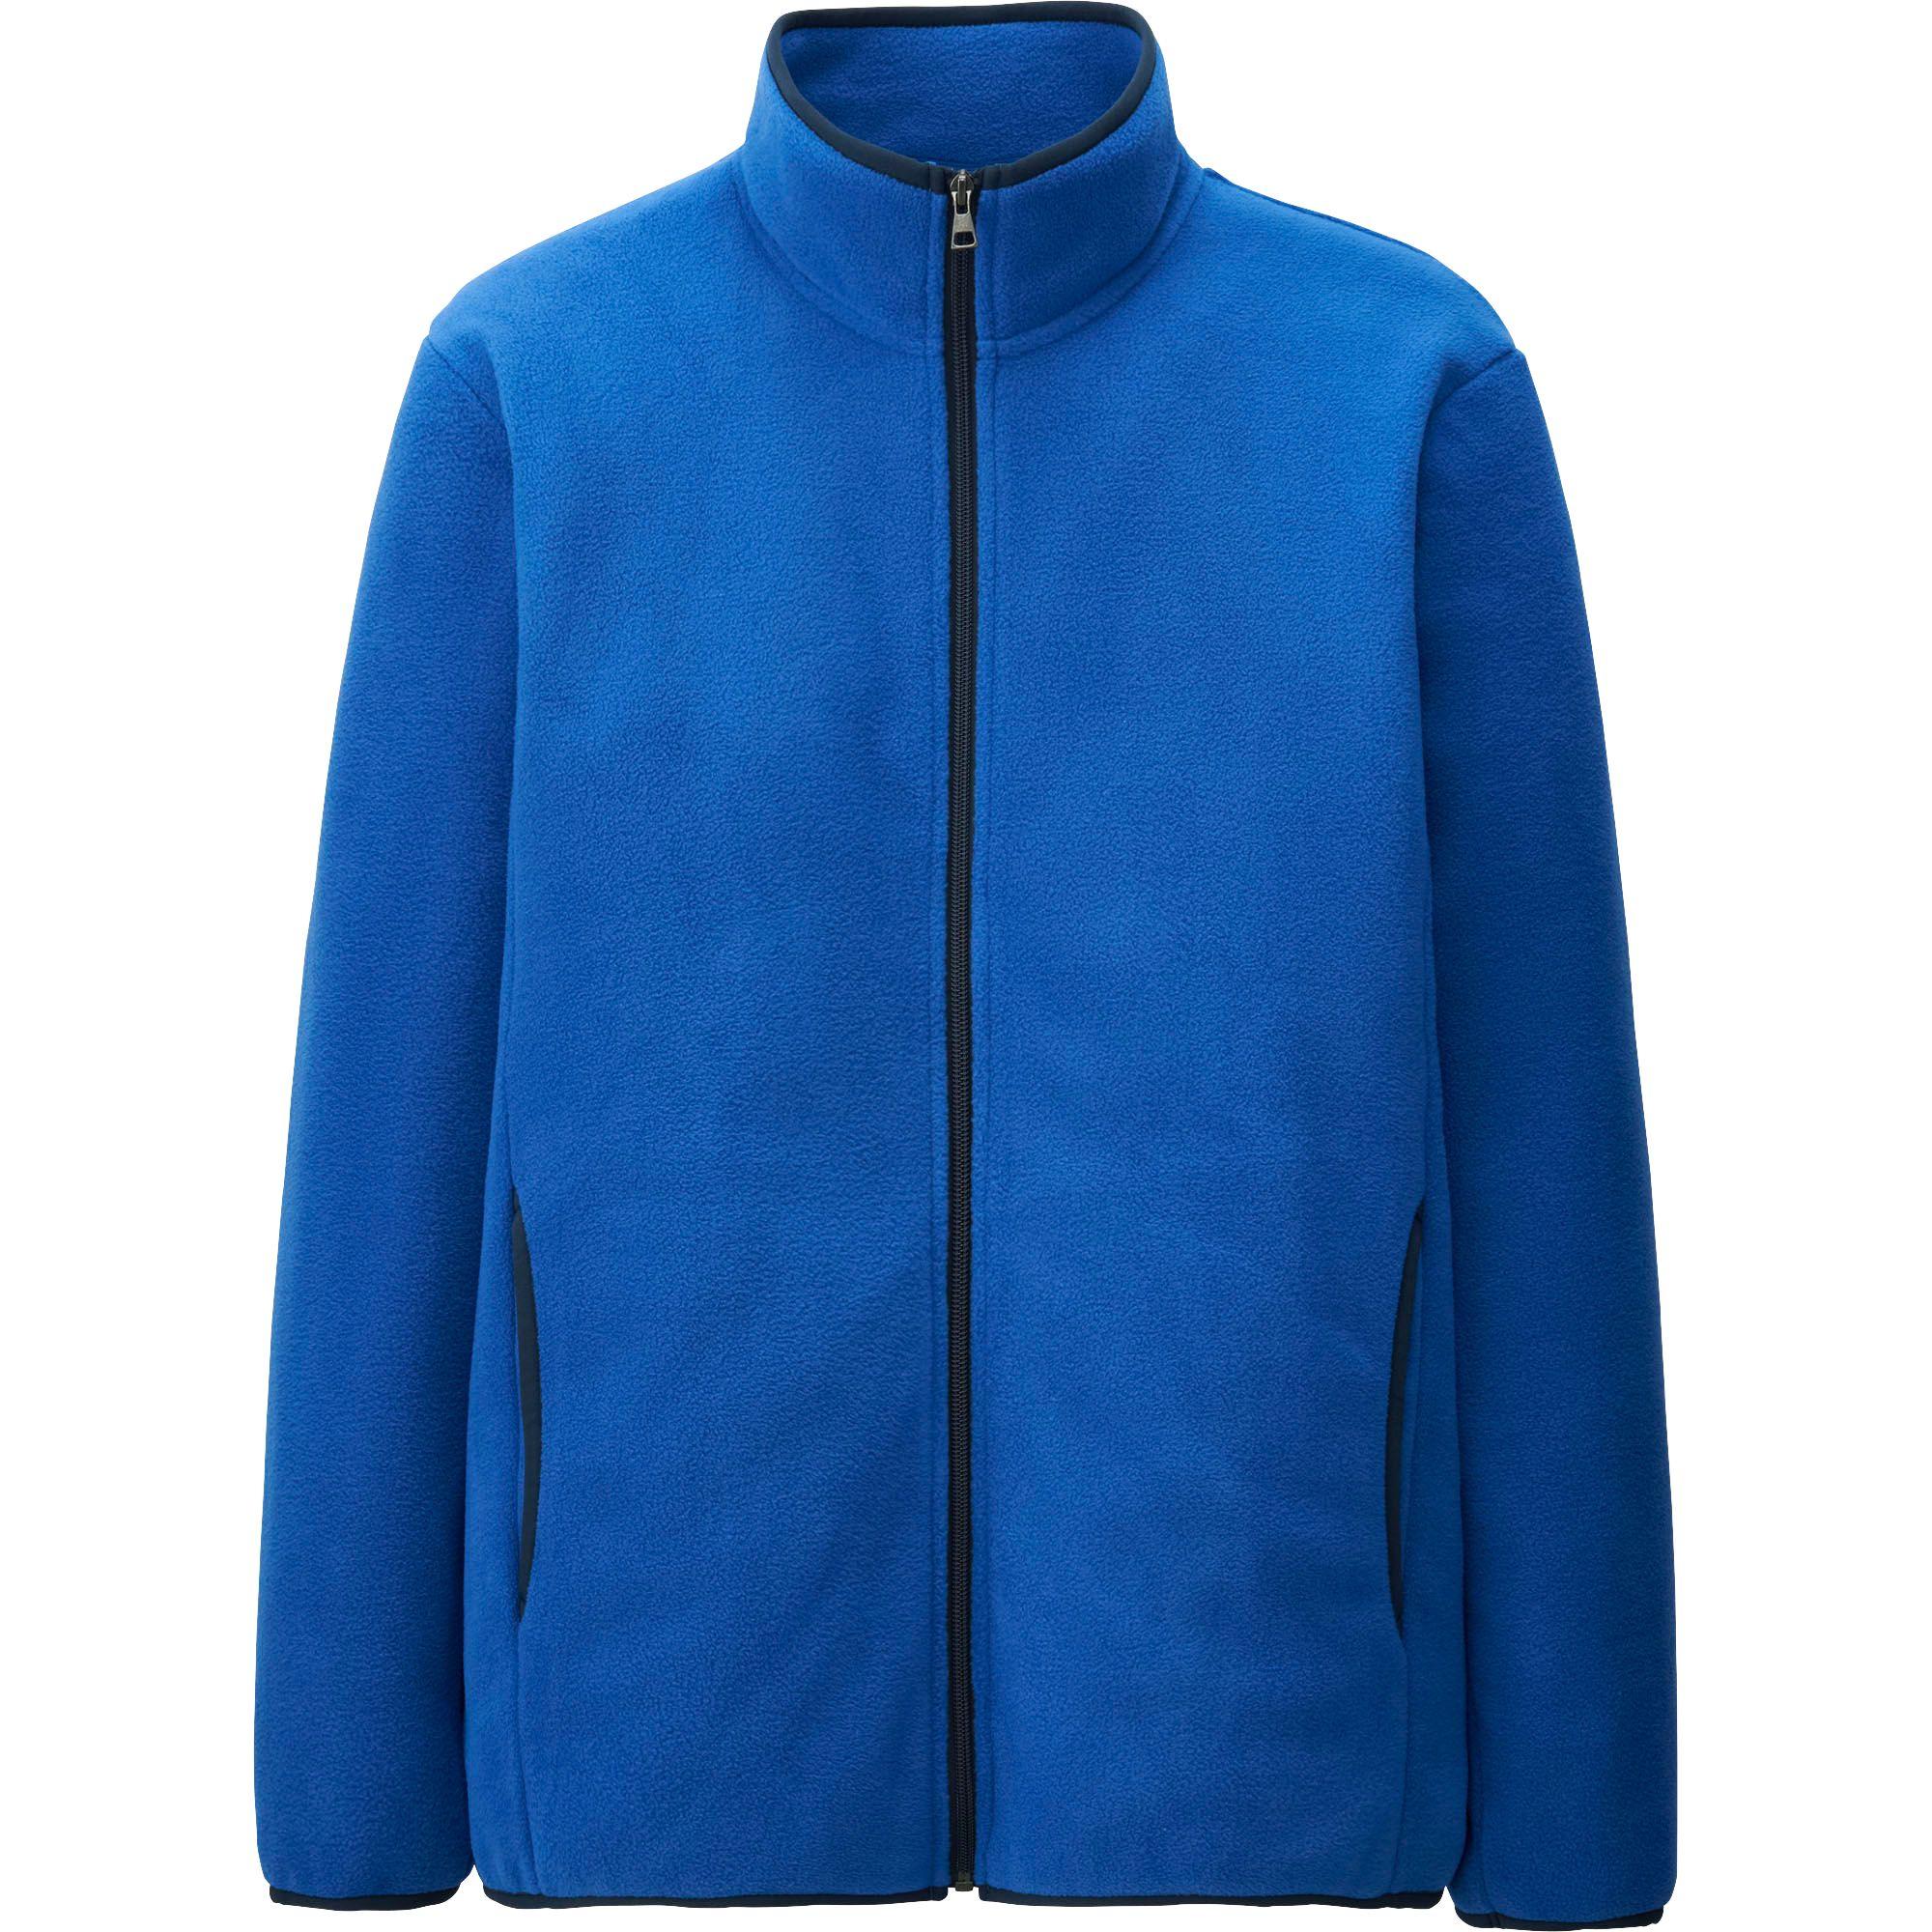 Uniqlo Men Fleece Full Zip Long Sleeve Jacket In Blue For